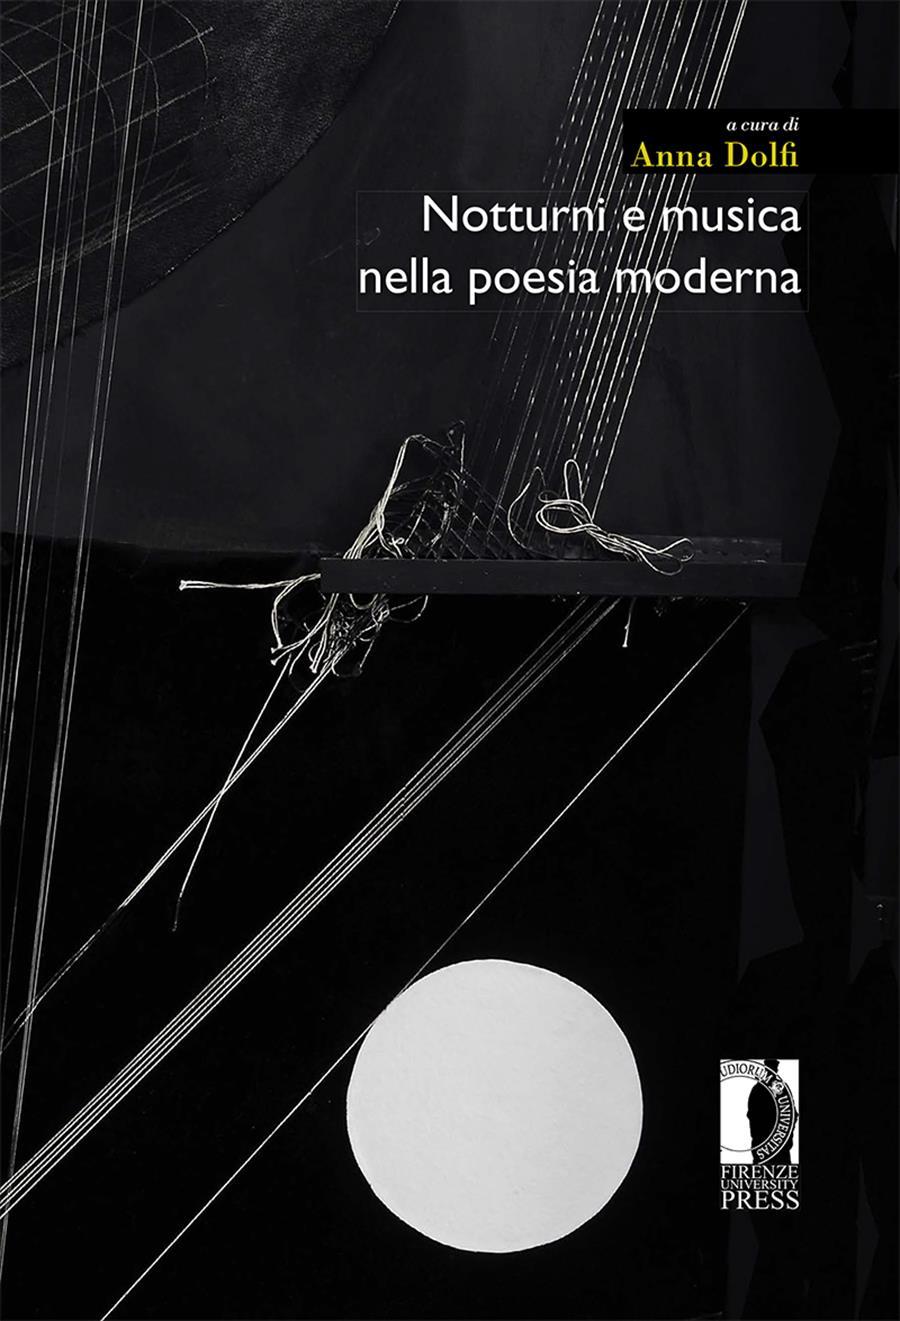 Notturni e musica nella poesia moderna